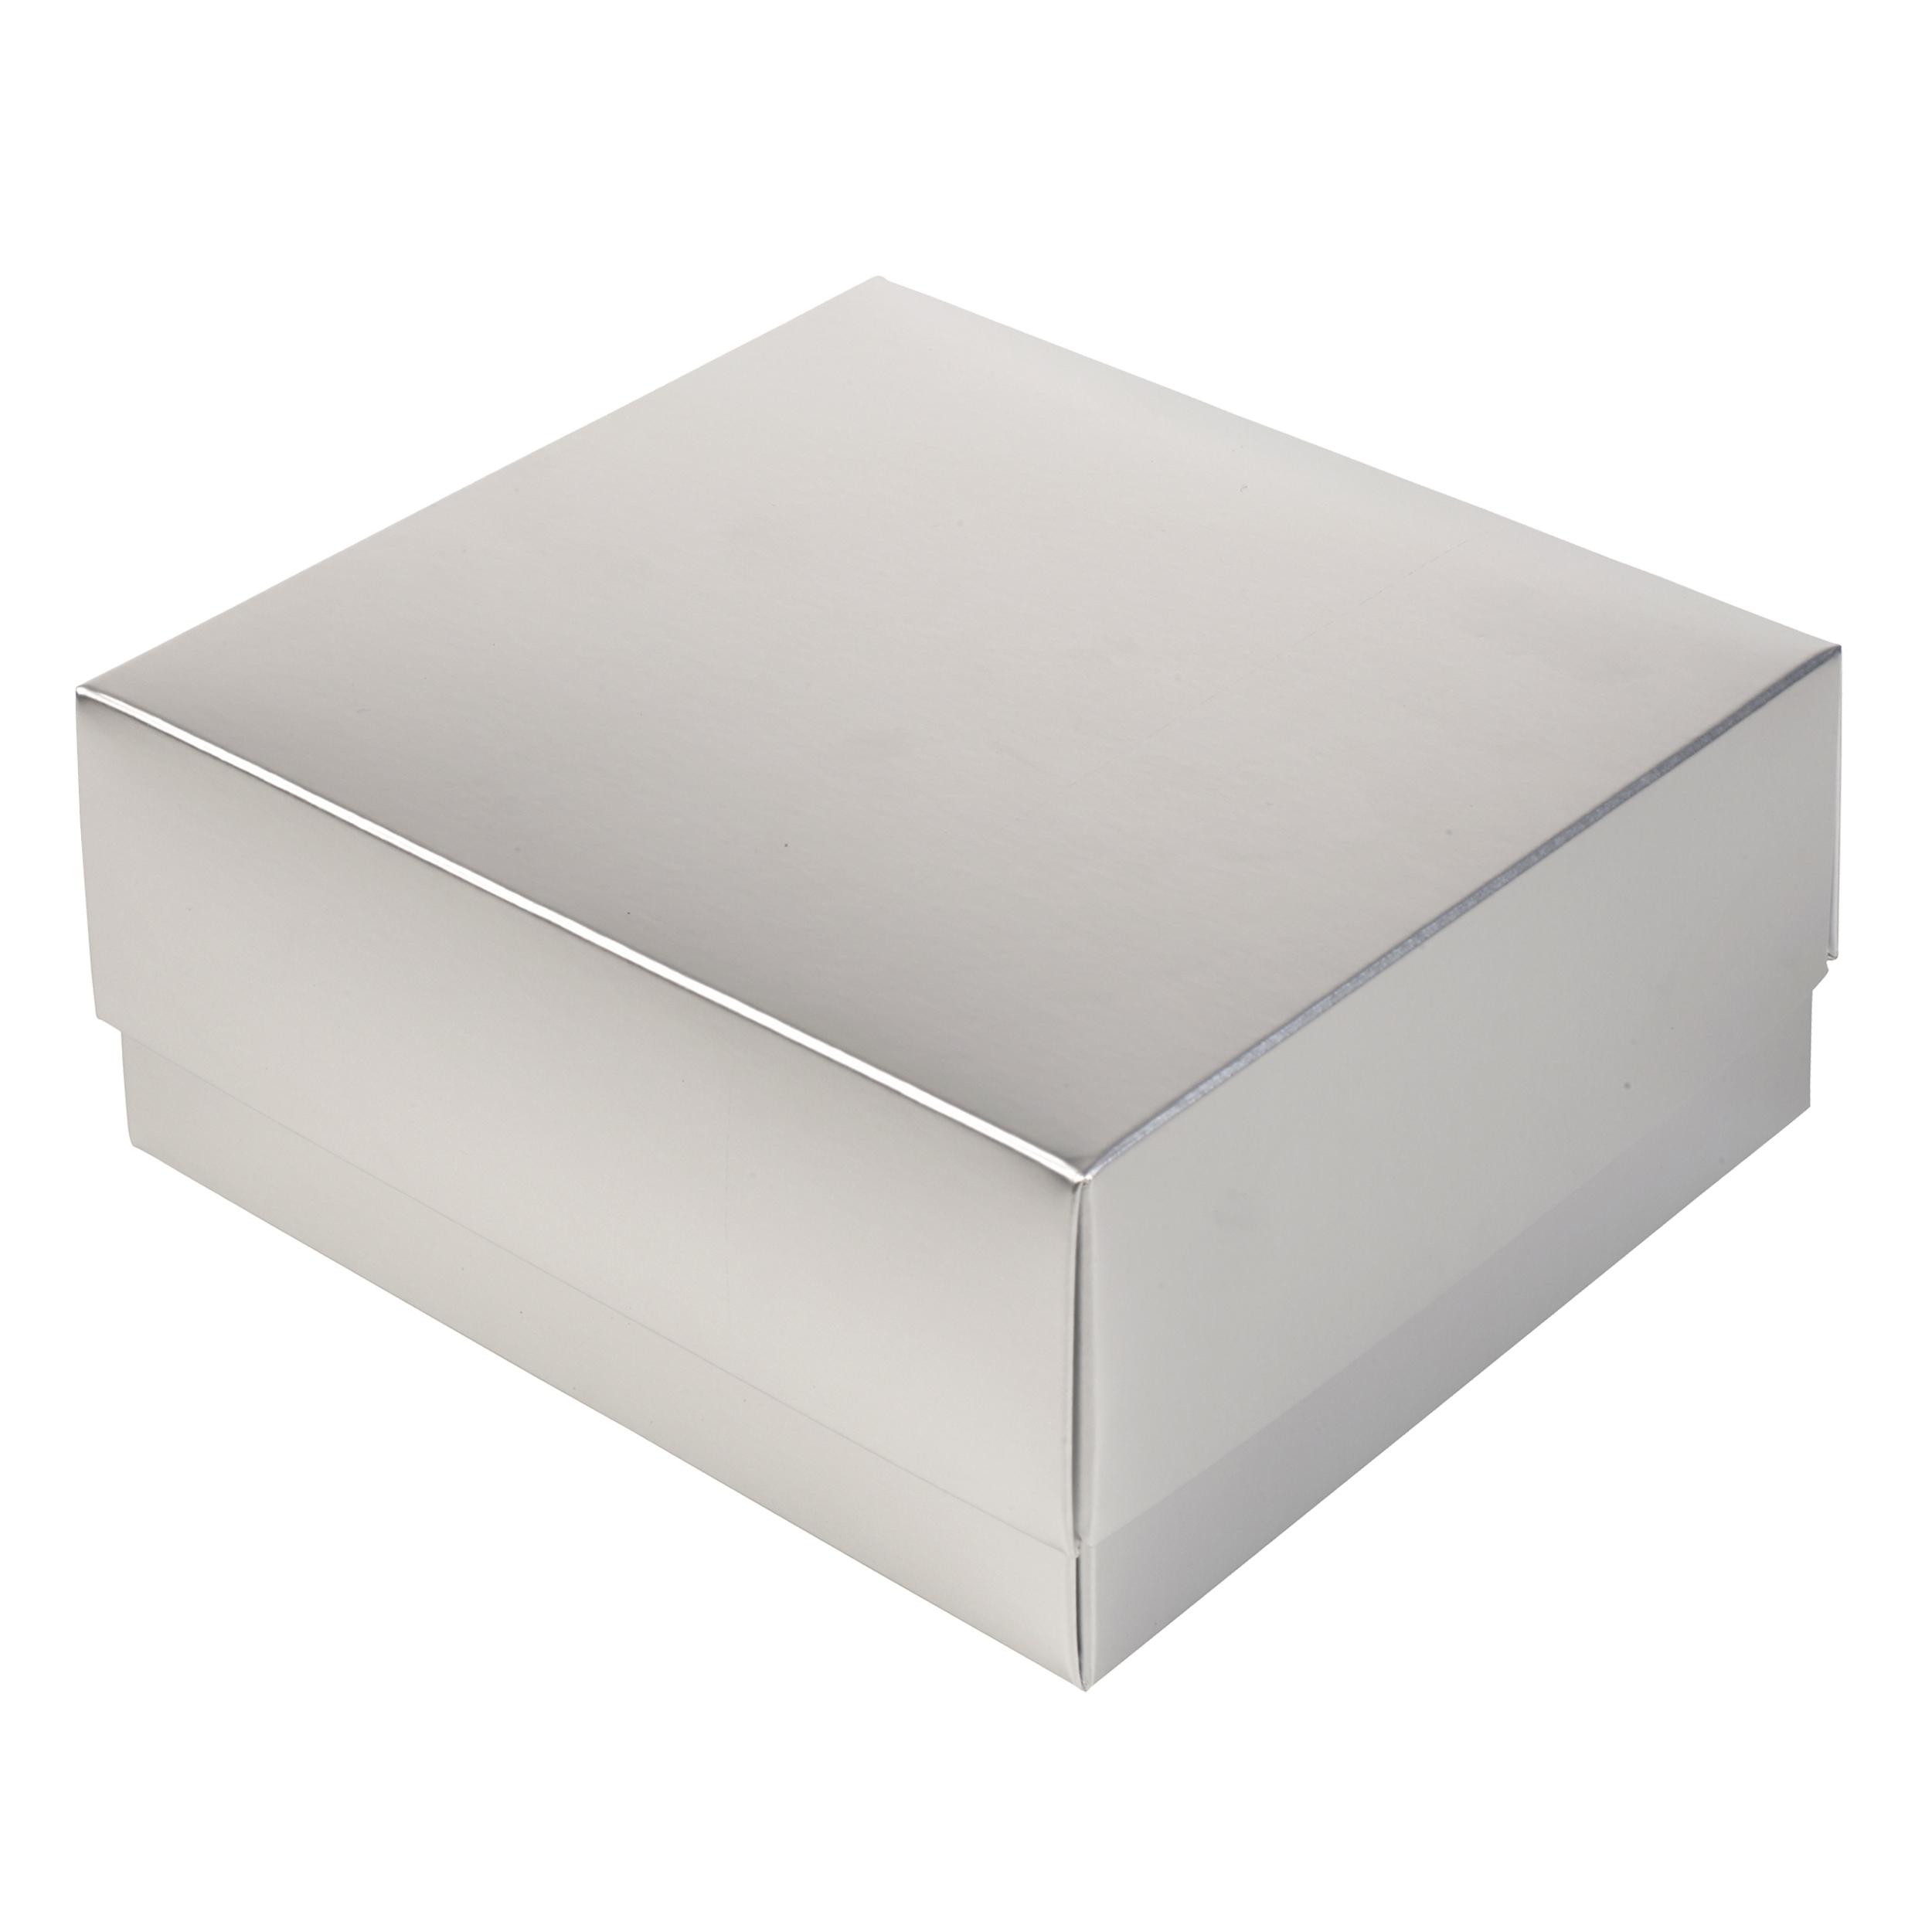 Large Christmas Storage Boxes